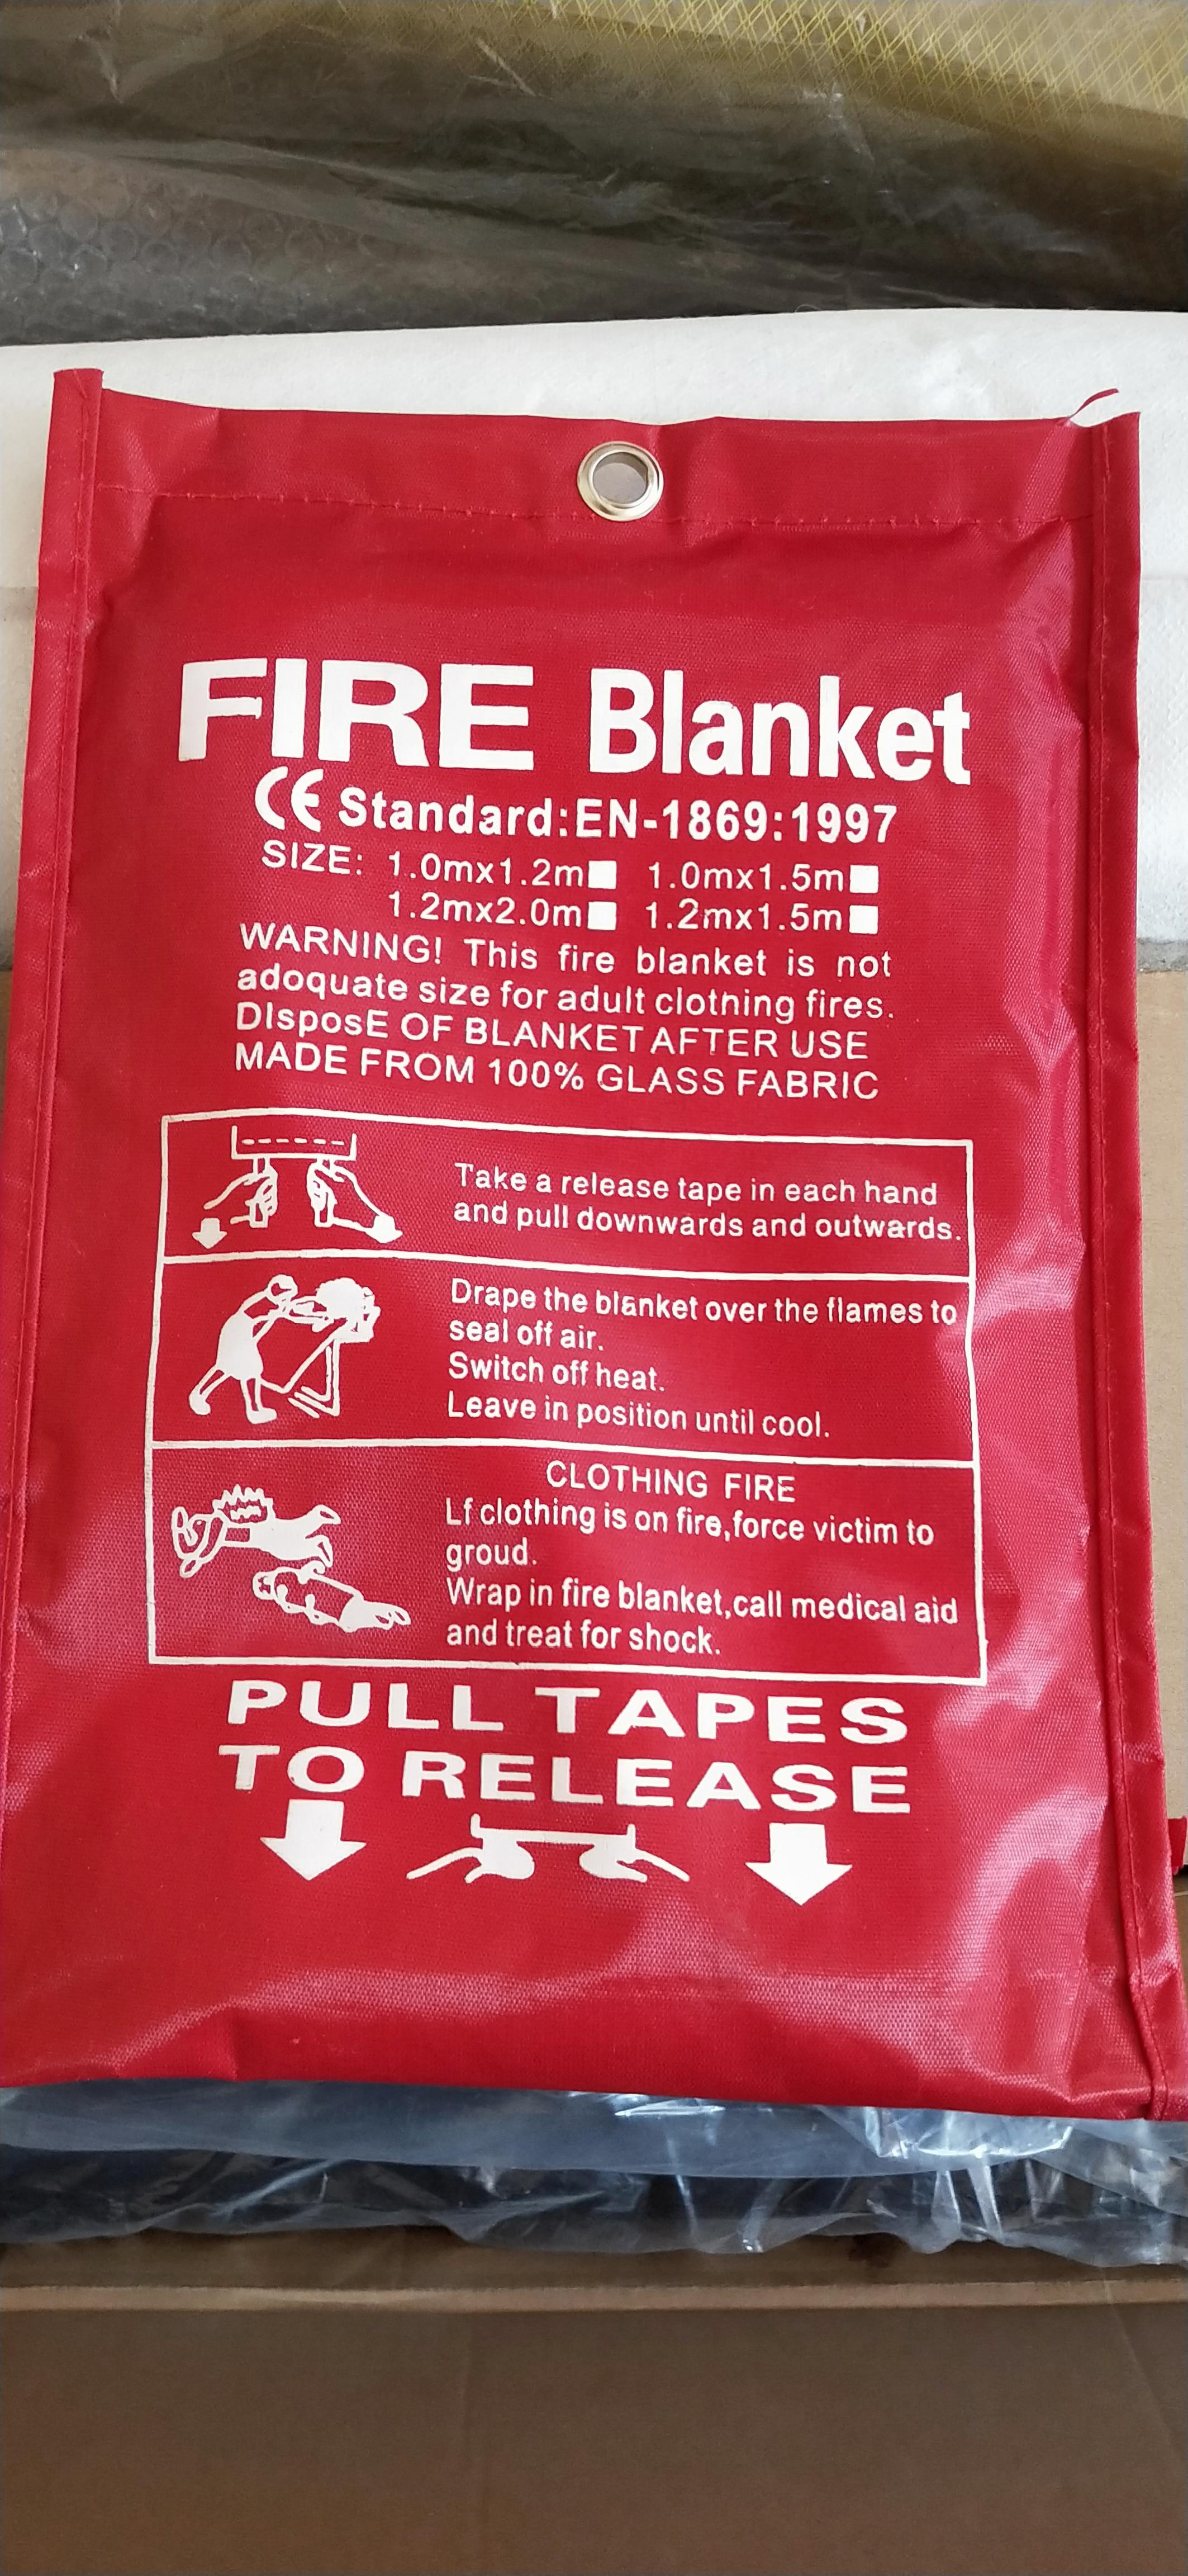 Одеяло пожарное 1 м x 1 м, сварочное одеяло, специальное пожарное оборудование, пожарный материал